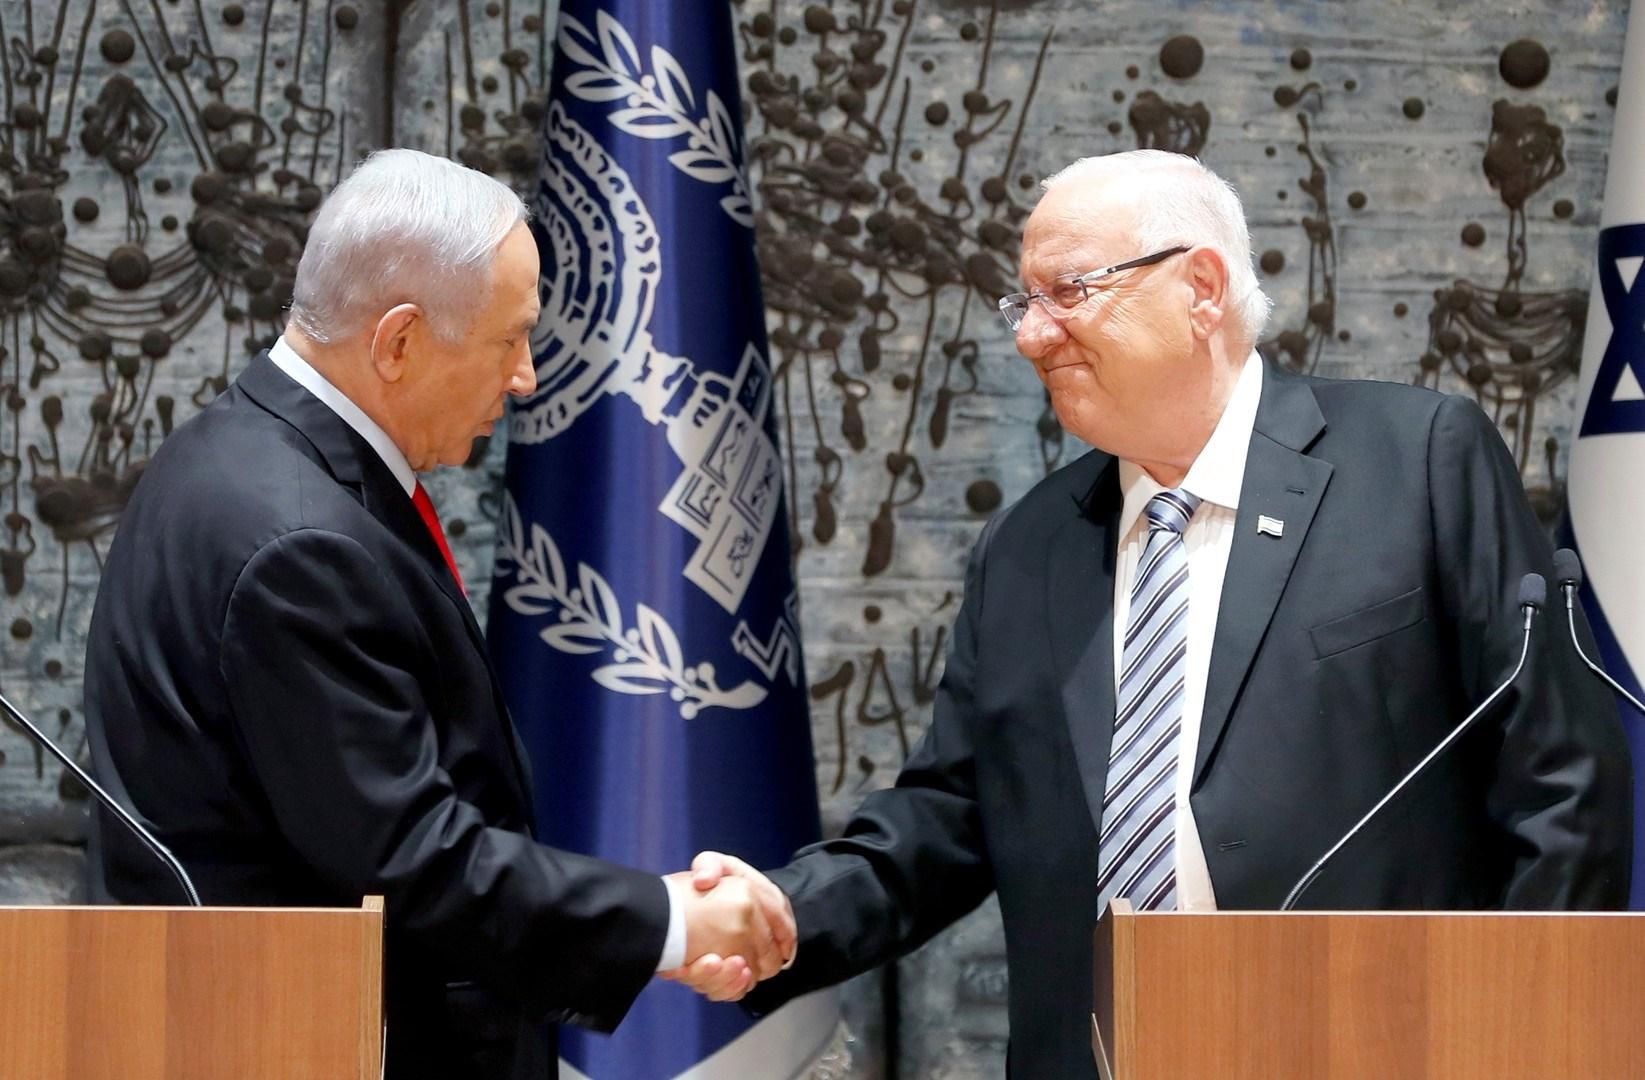 اليمين الإسرائيلي يطالب بتكليف نتنياهو لرئاسة الحكومة.. والرئيس يحيل الأمر إلى الكنيست